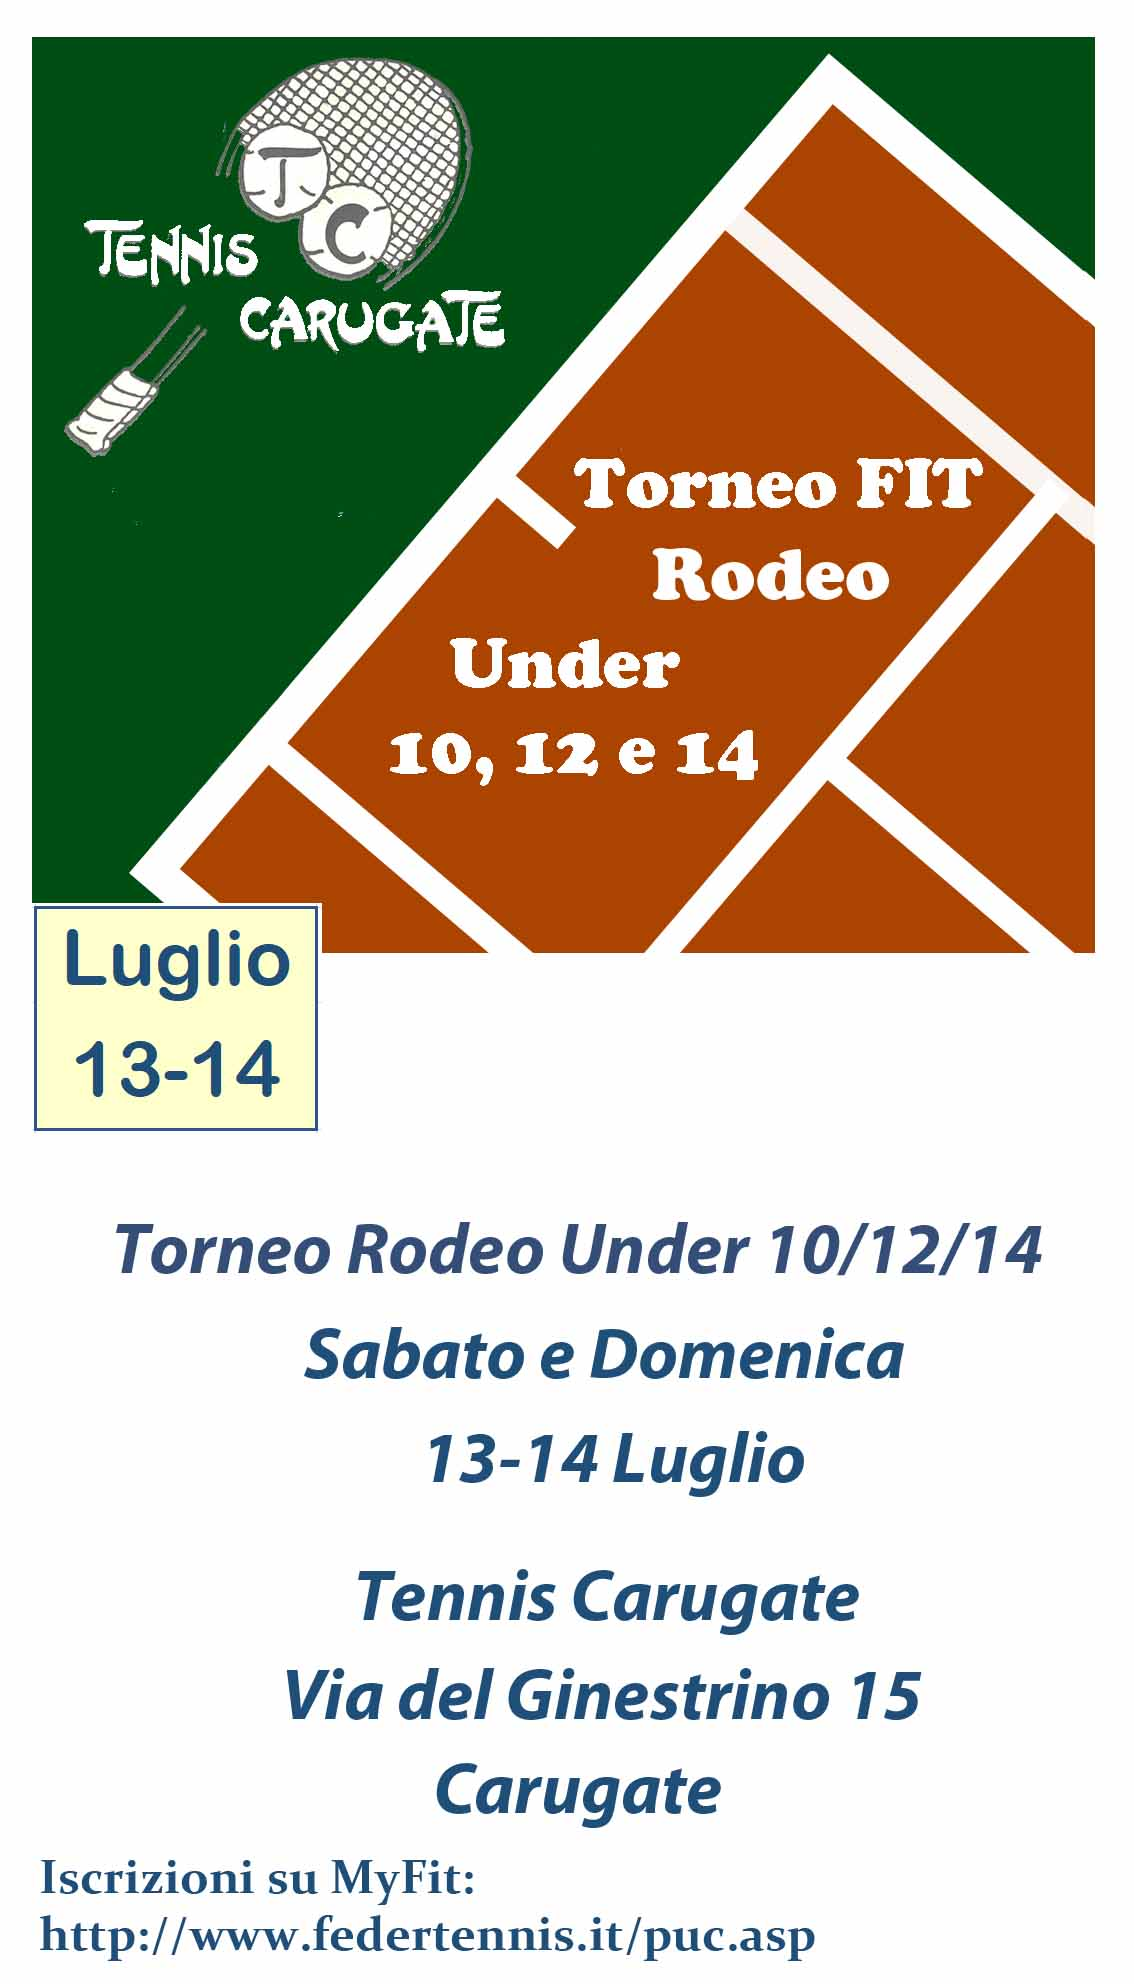 Fit Calendario Tornei.Tennis Carugate Associazione Sportiva Dilettantistica